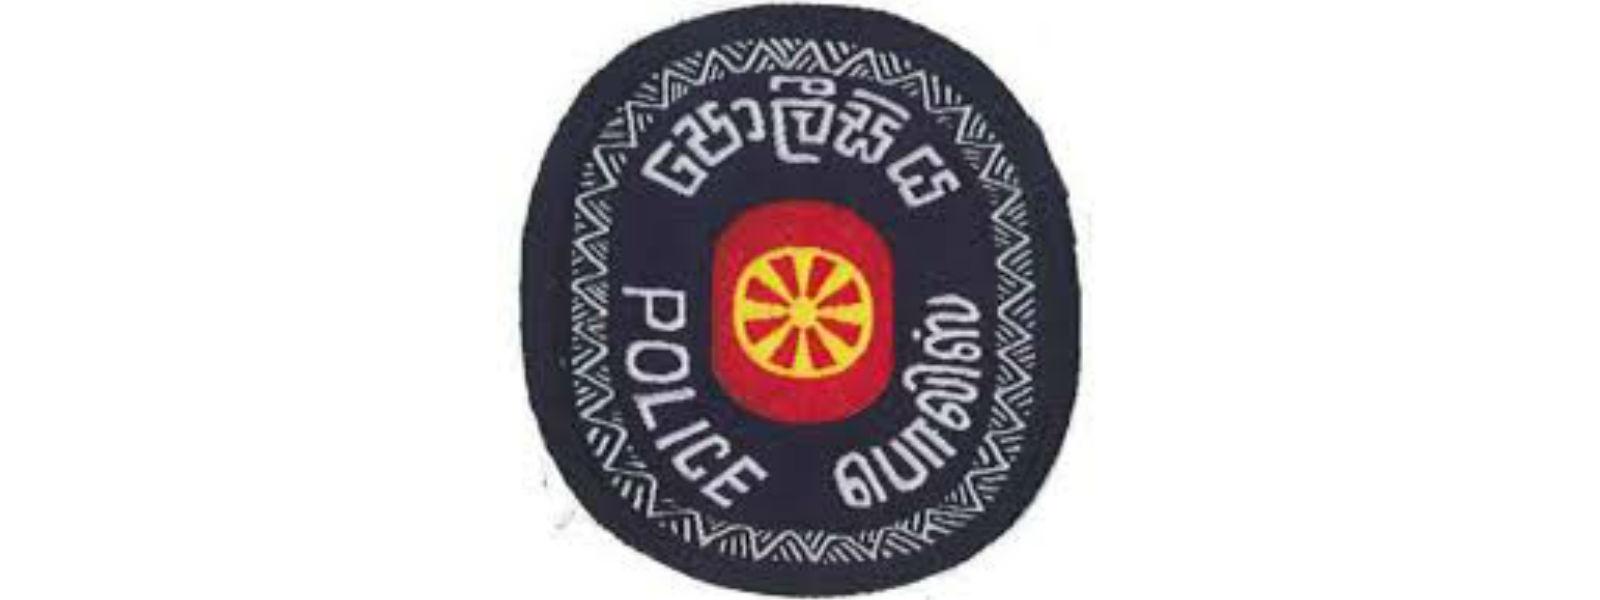 அரச அதிகாரிகள் தொடர்பிலான காணொளிகளை வௌியிட்டவர்களுக்கு எதிராக நடவடிக்கை